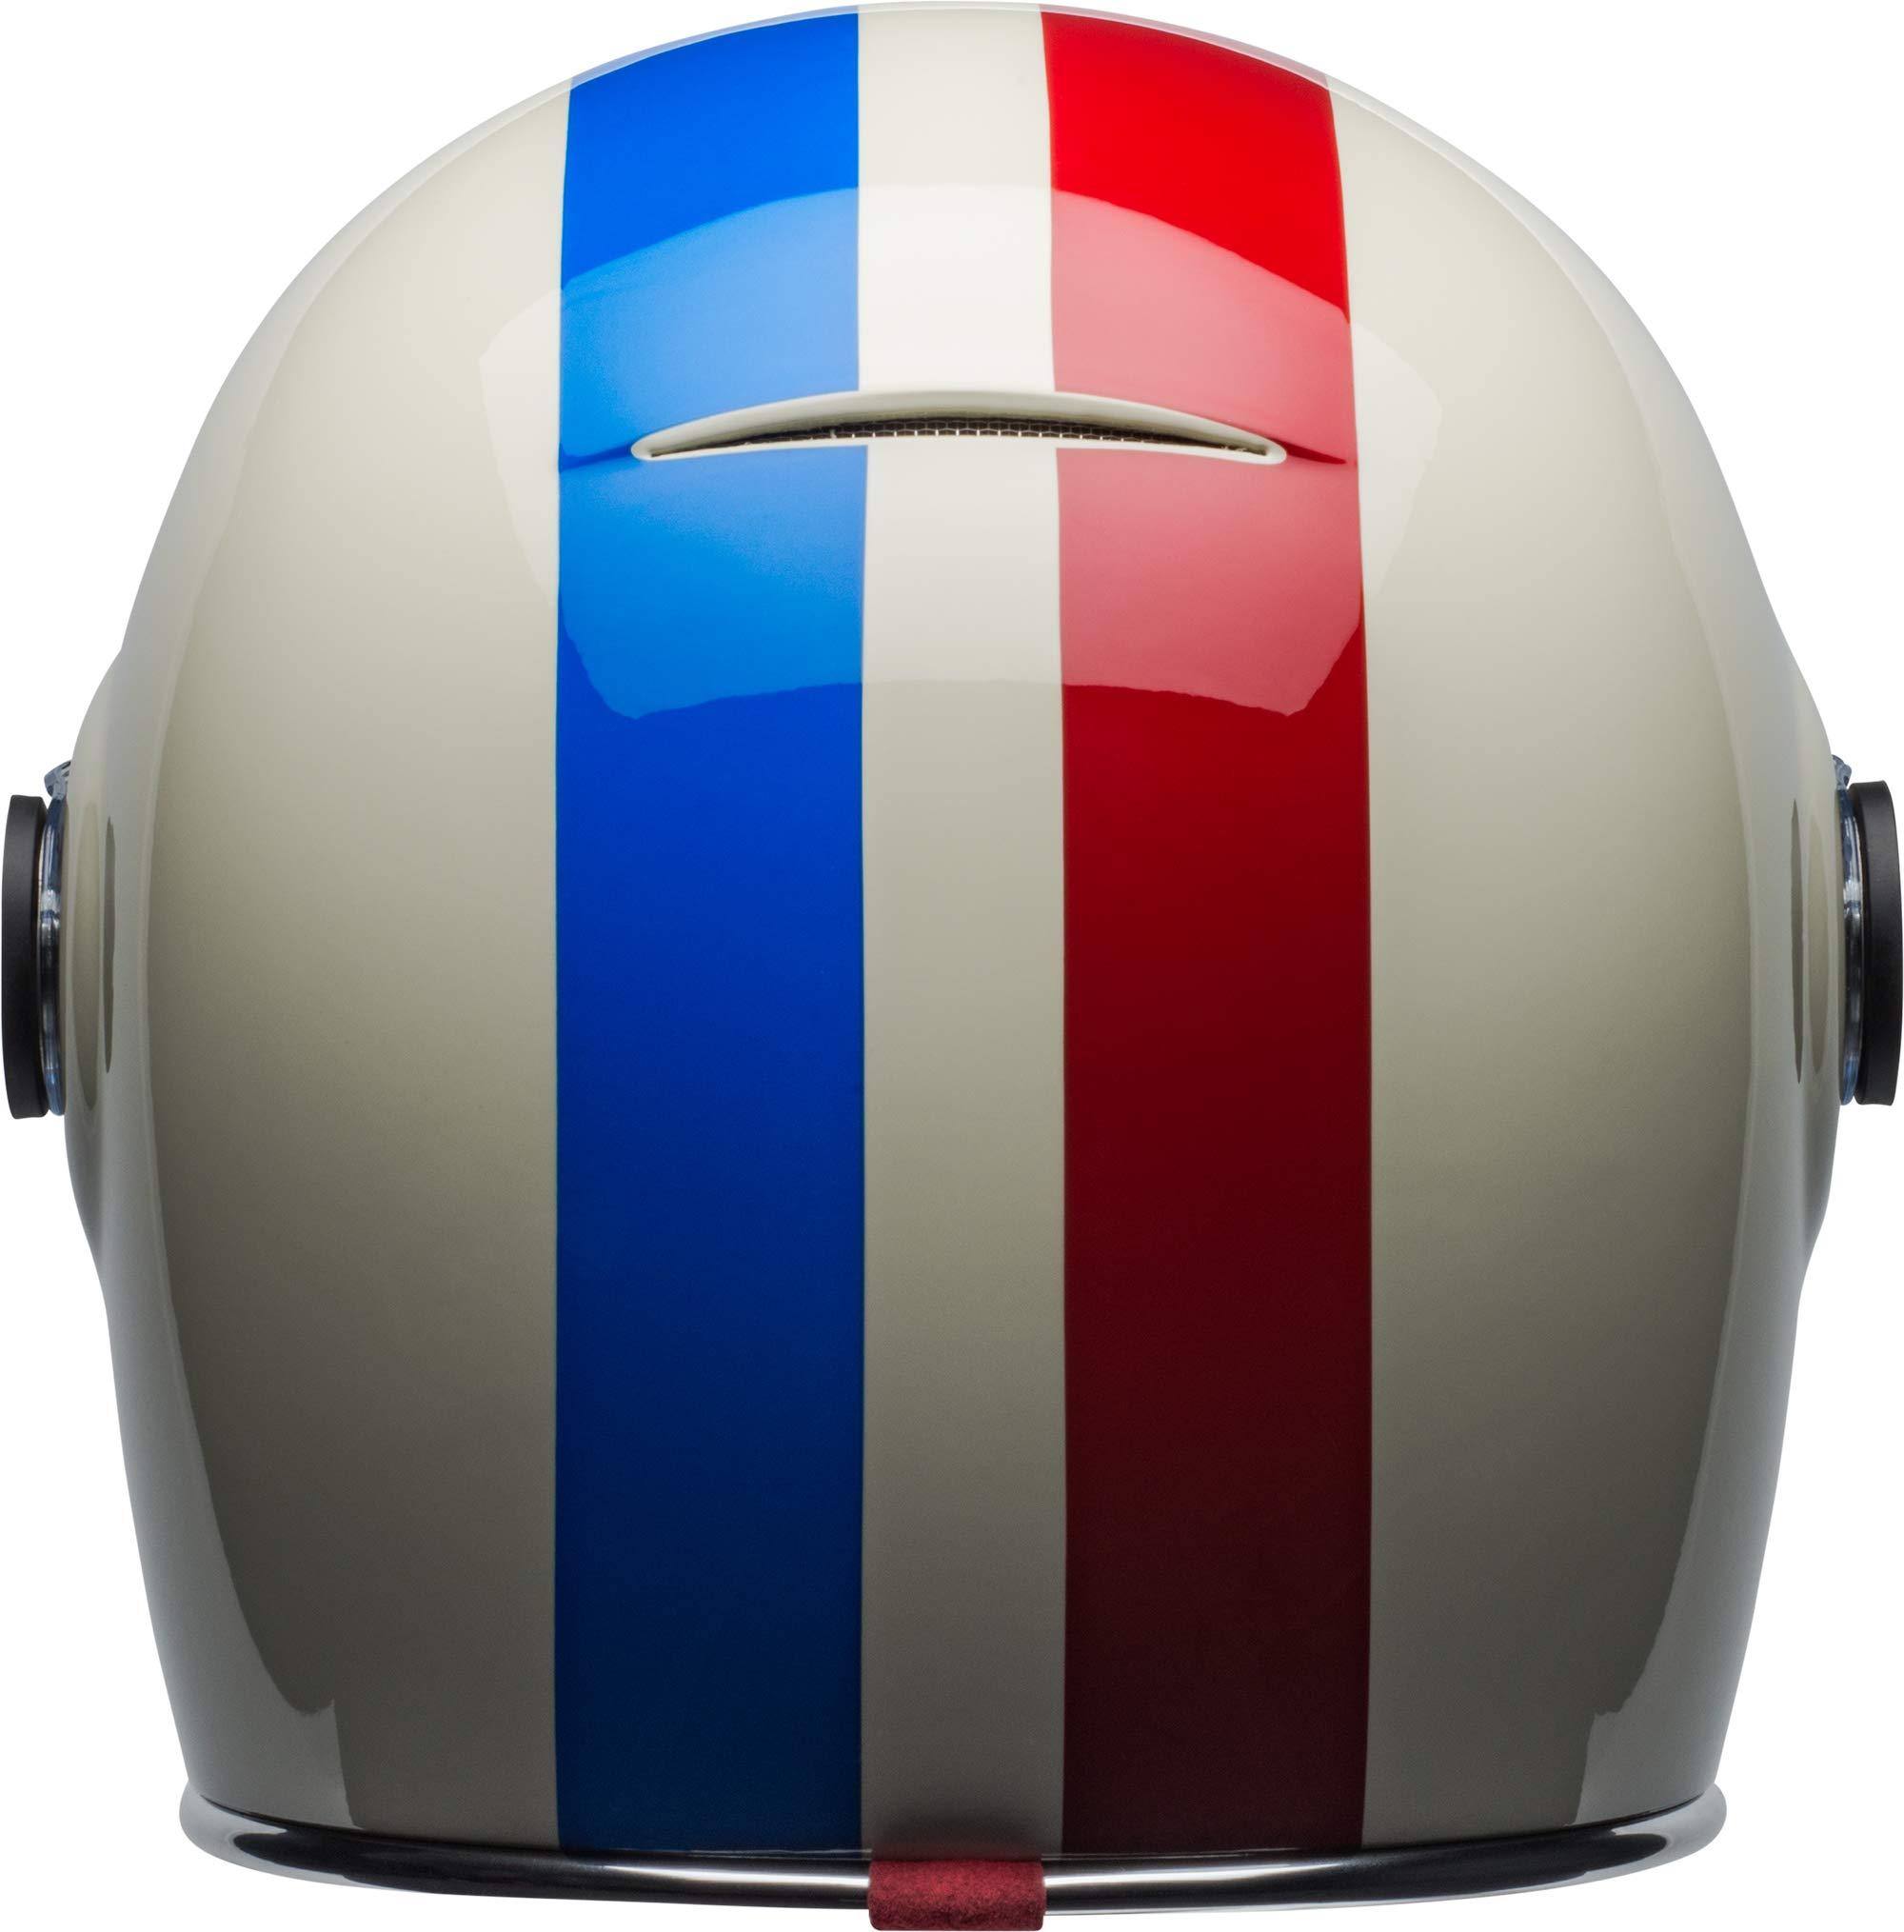 Bell Bullitt Helmet - Command (X-SMALL) (GLOSS VINTAGE WHITE/RED/BLUE) by Bell (Image #4)